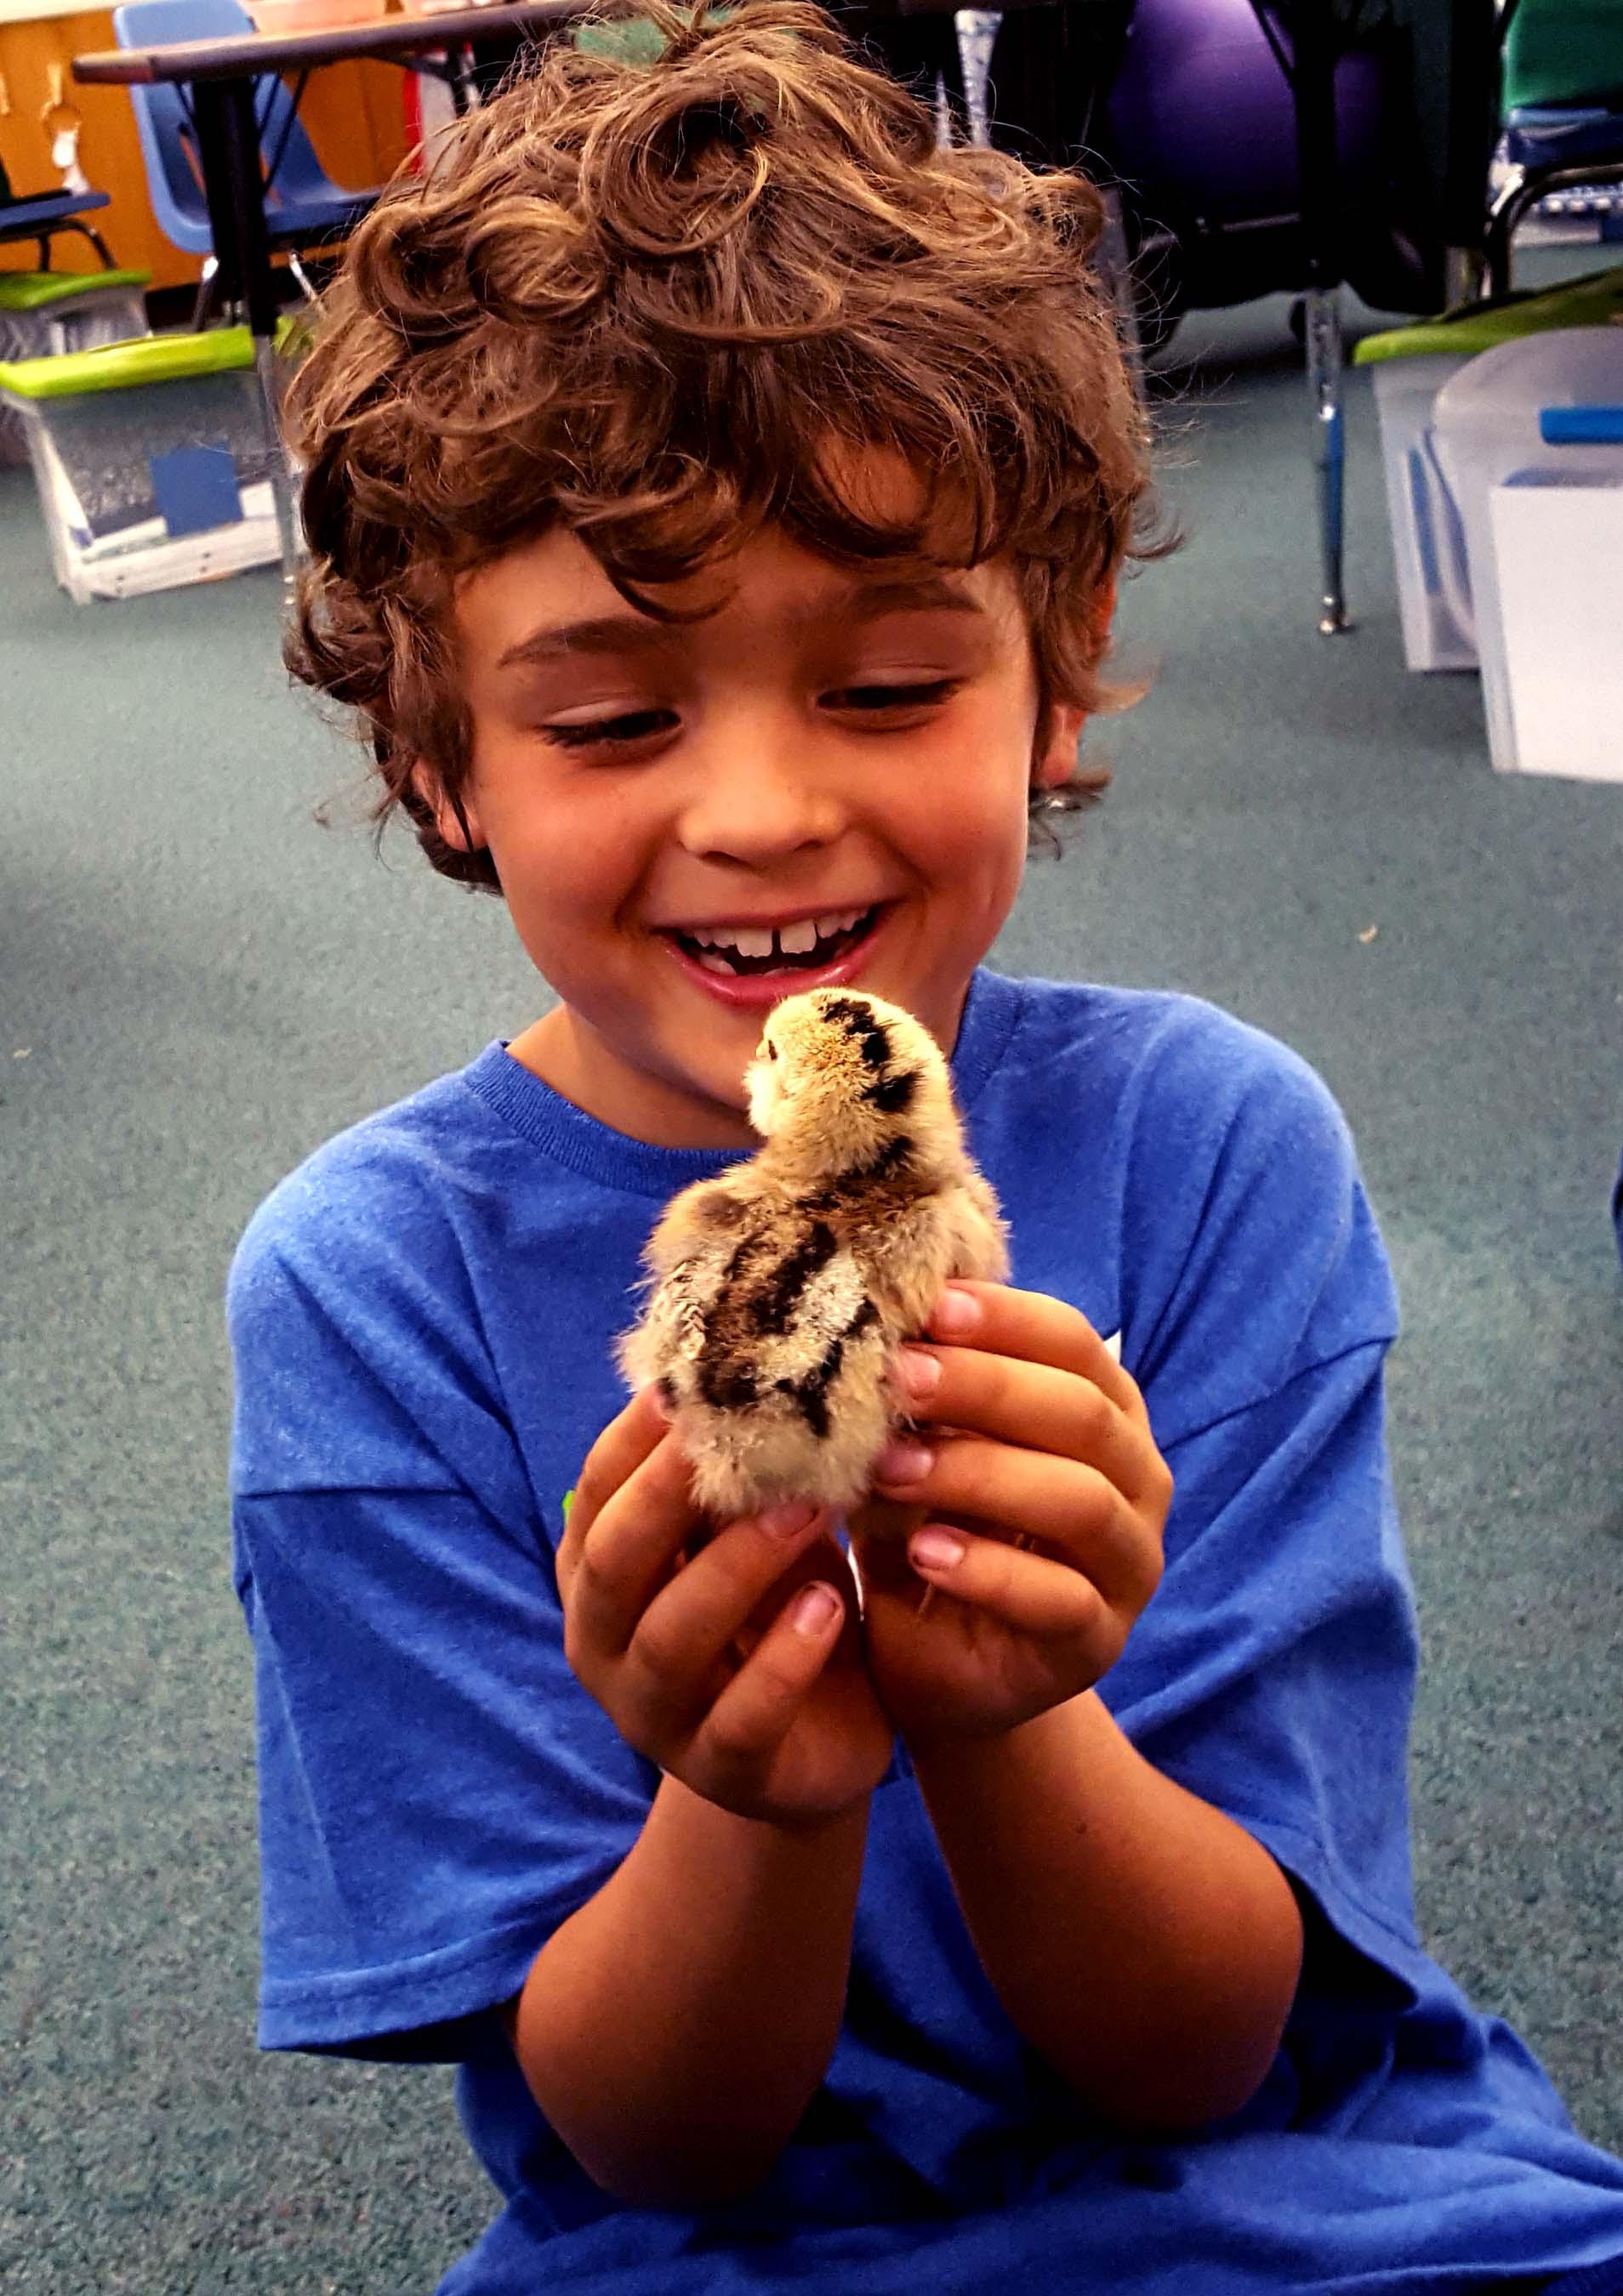 chickens_chicks_week1_henry_#1_edited